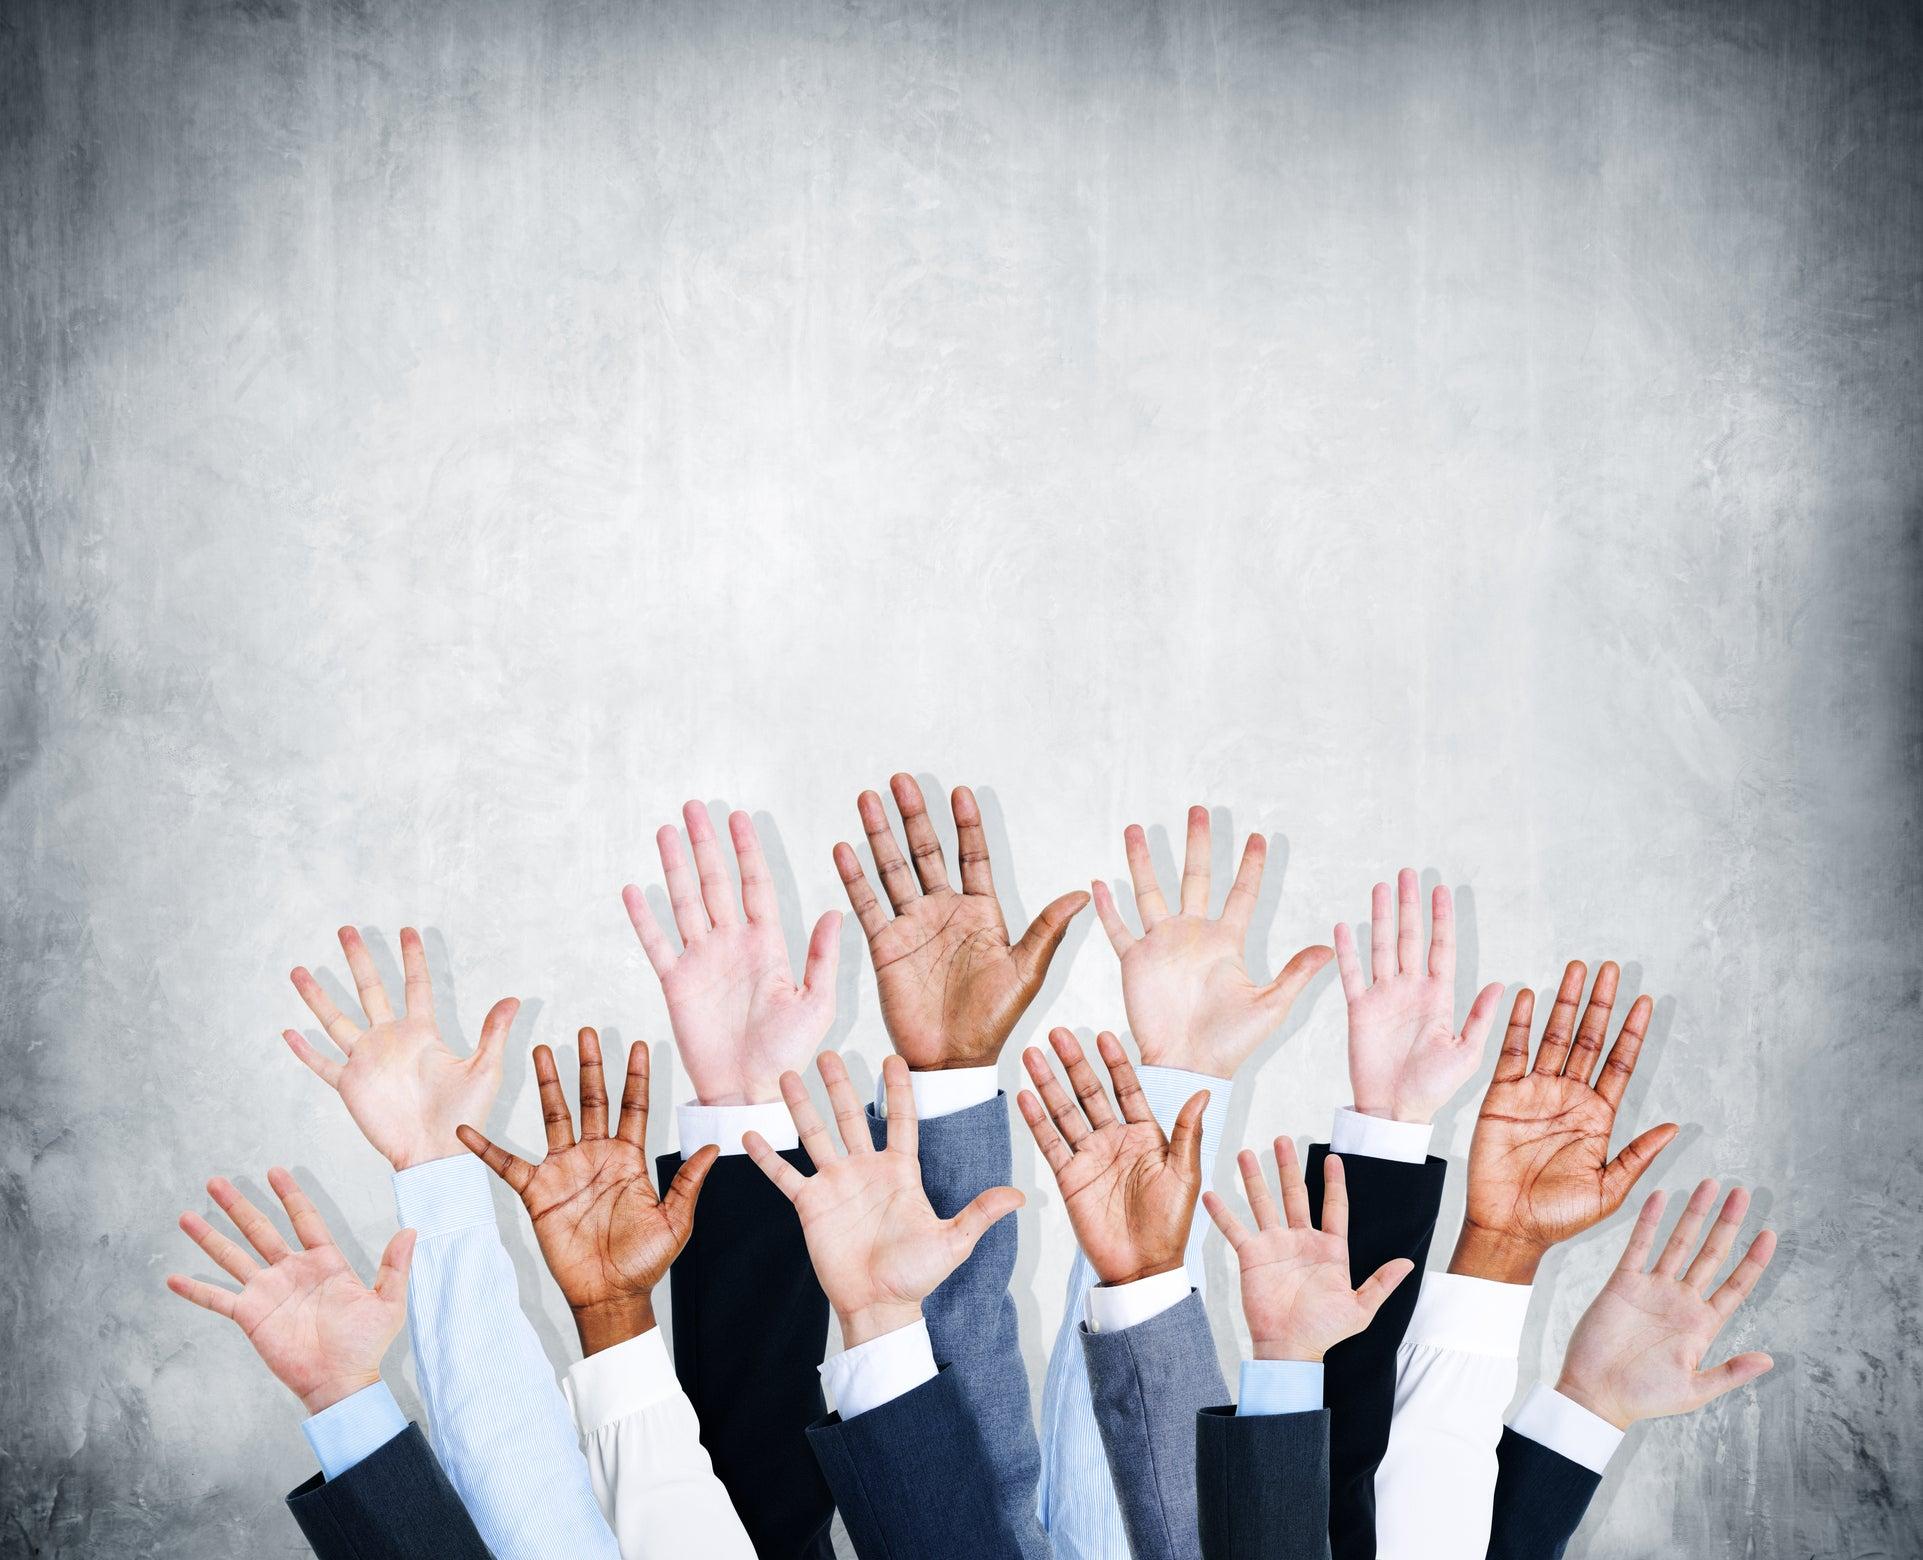 Group of hands raised to volunteer